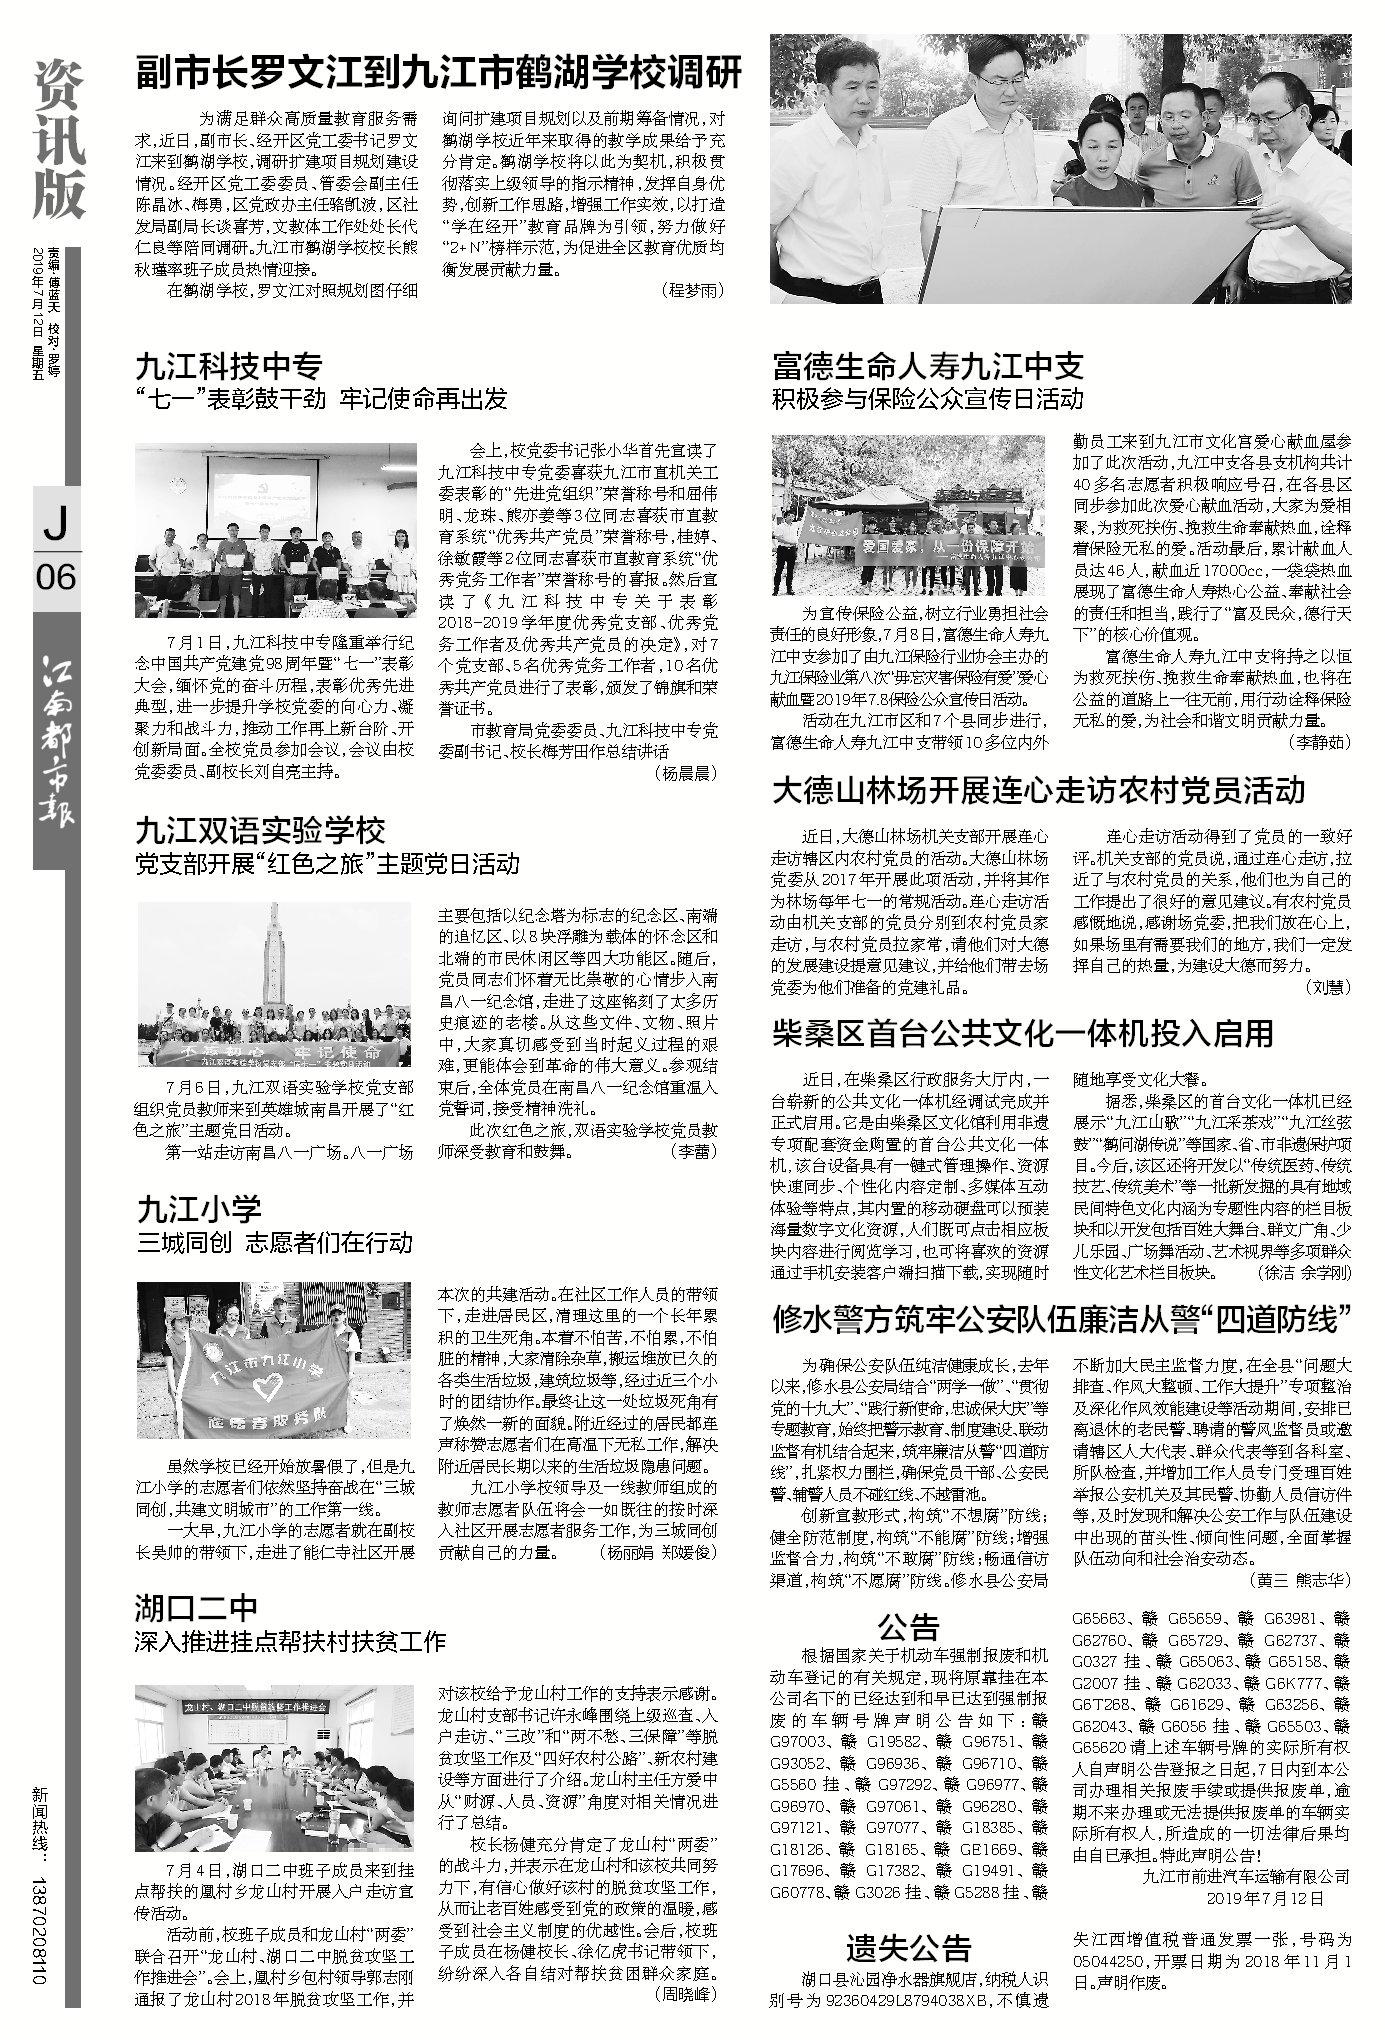 2019年7月12日江南都市报《亚博体育app苹果新闻》资讯版